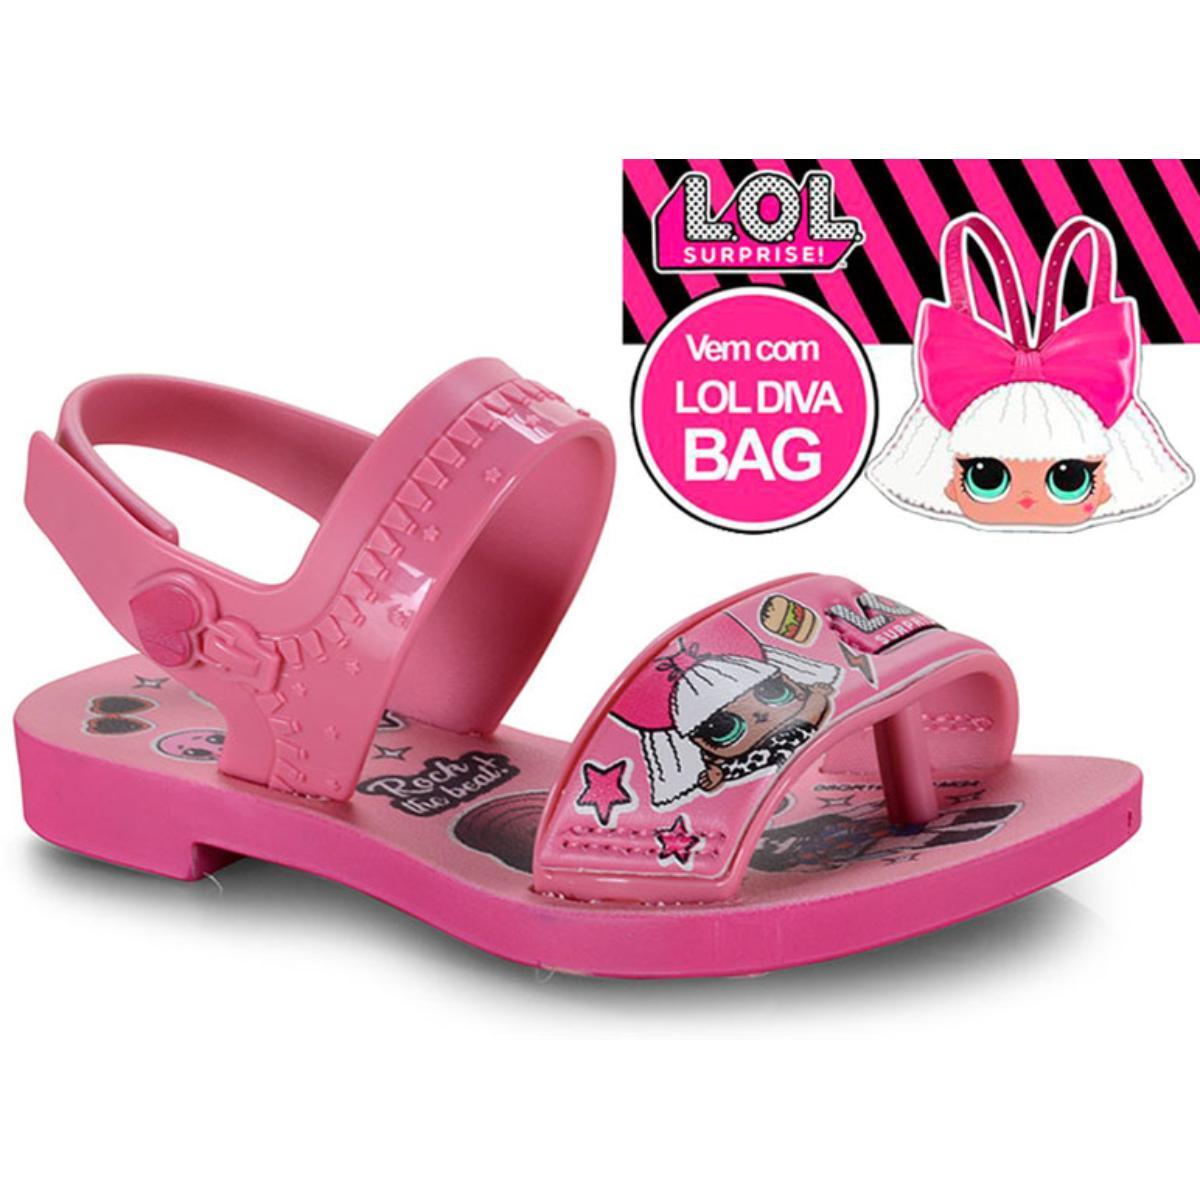 Sandália Fem Infantil Grendene 22117 24308 Diva Bag Sand Rosa Escuro/rosa